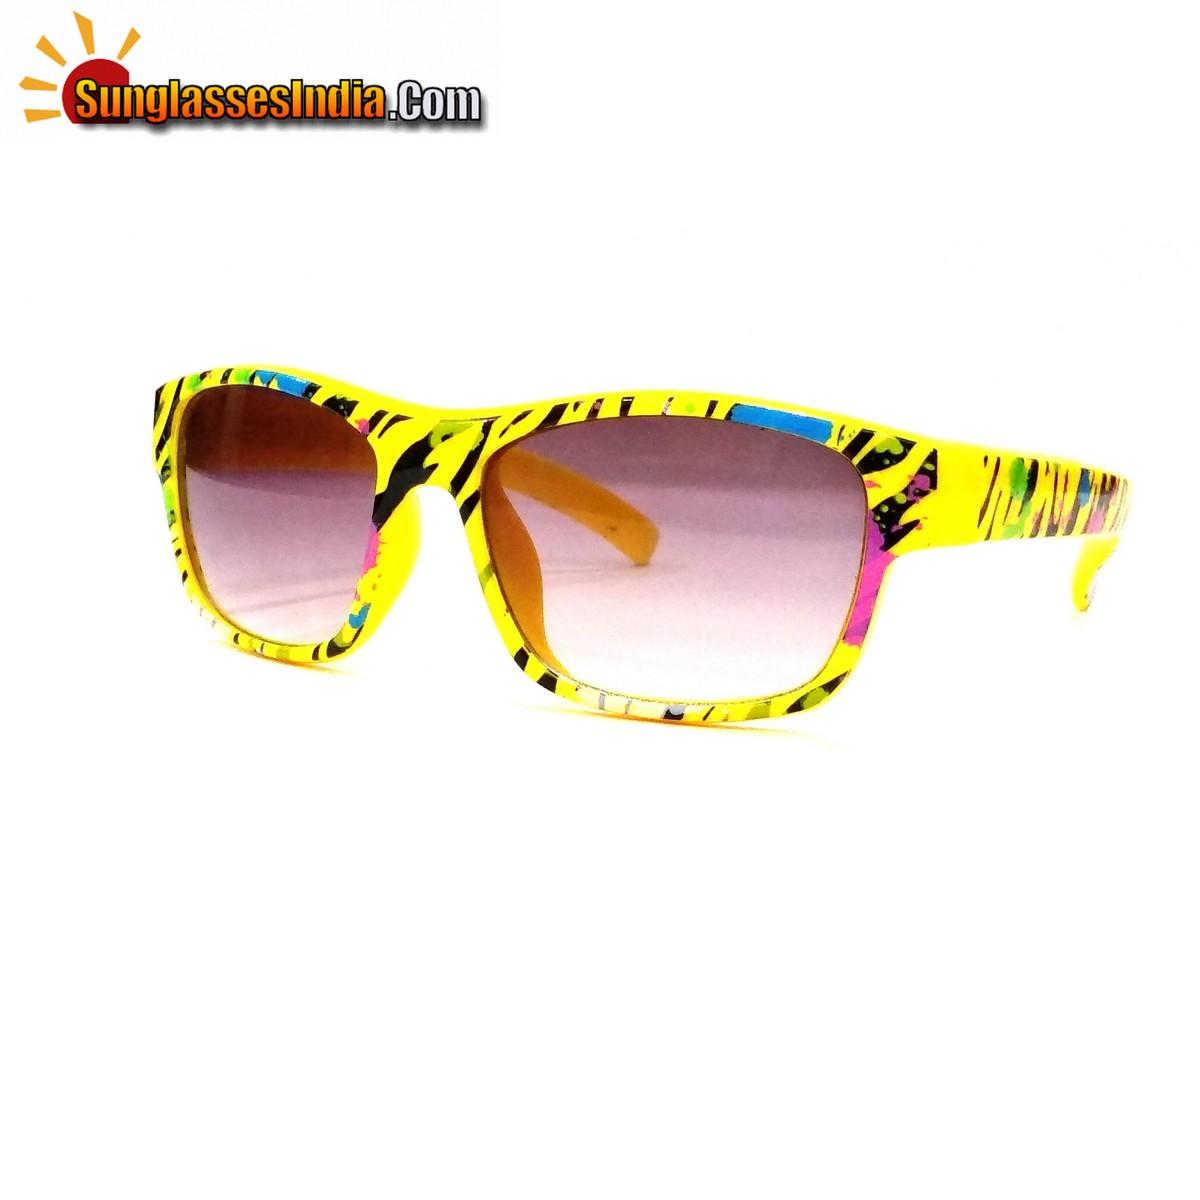 Kids Fashion Sunglasses TKS005Yellow